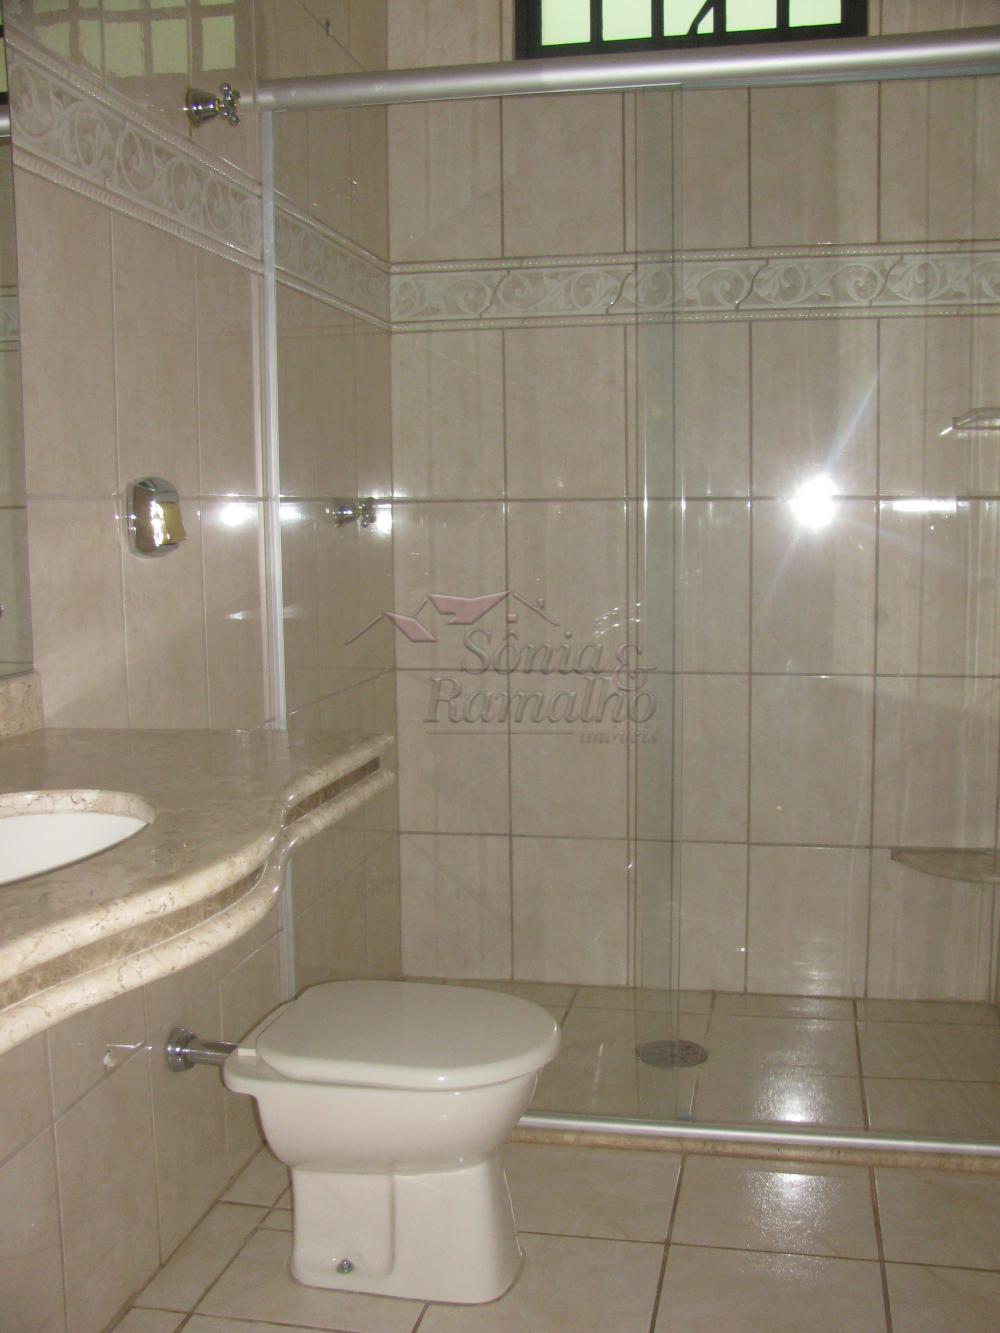 Comprar Casas / Padrão em Ribeirão Preto apenas R$ 400.000,00 - Foto 15